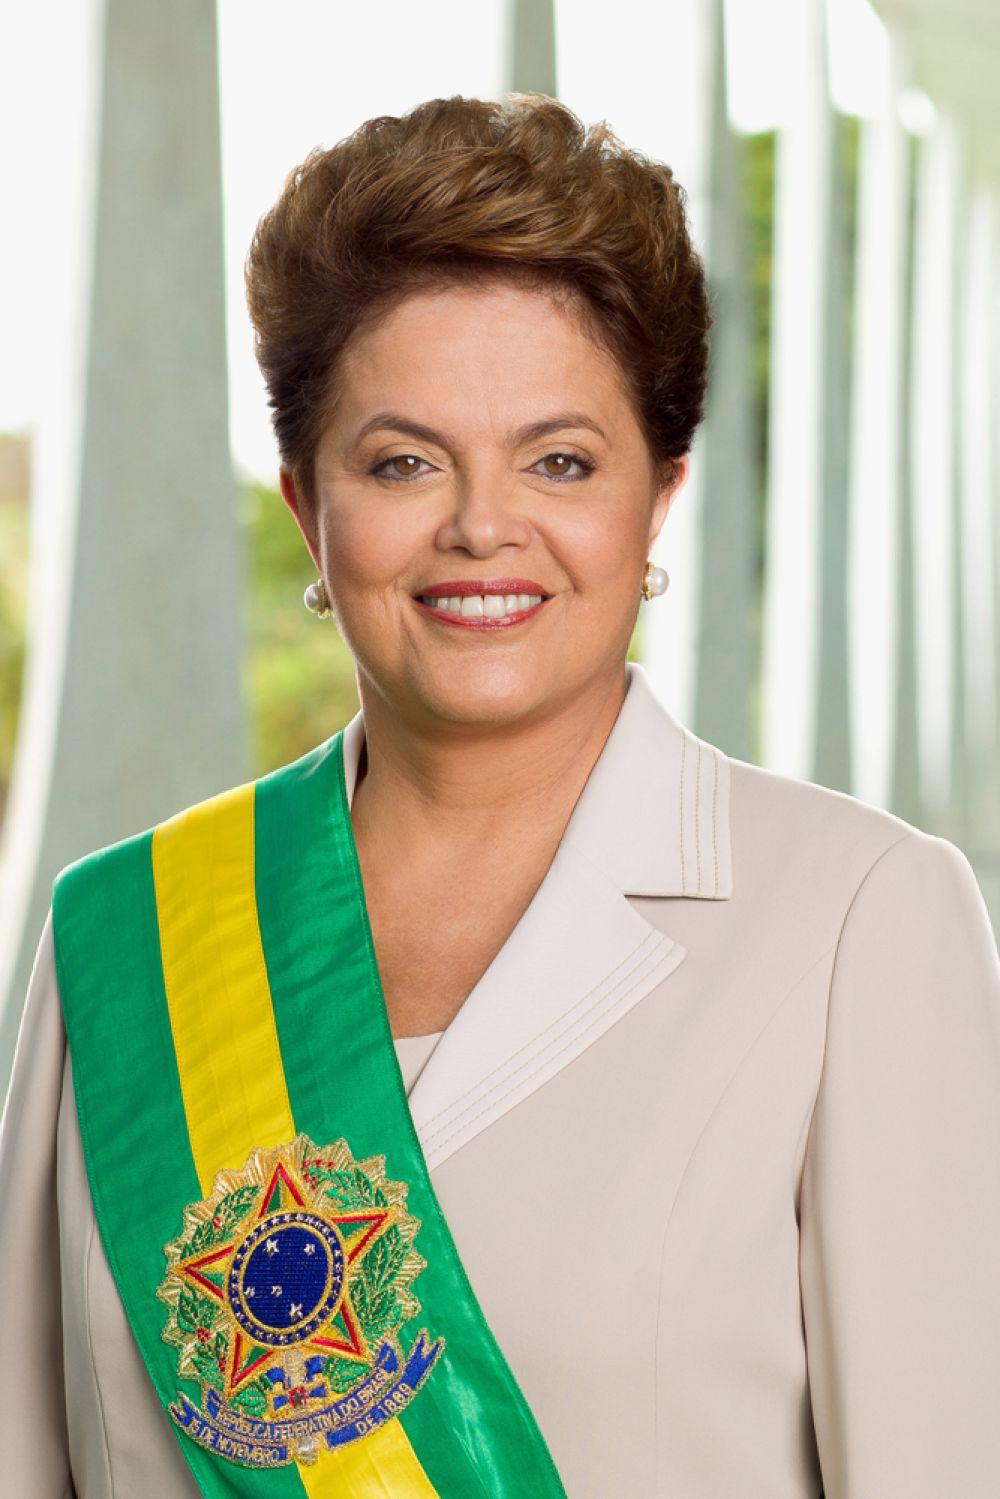 Кто бы мог подумать, что однажды президентом Бразилии станет женщина! Но в 2011 году к власти пришла Дилма Русеф – бразильянка с болгарскими корнями. В жизни этой женщины имели место и арест, и заключение в тюрьму, и даже пытки.